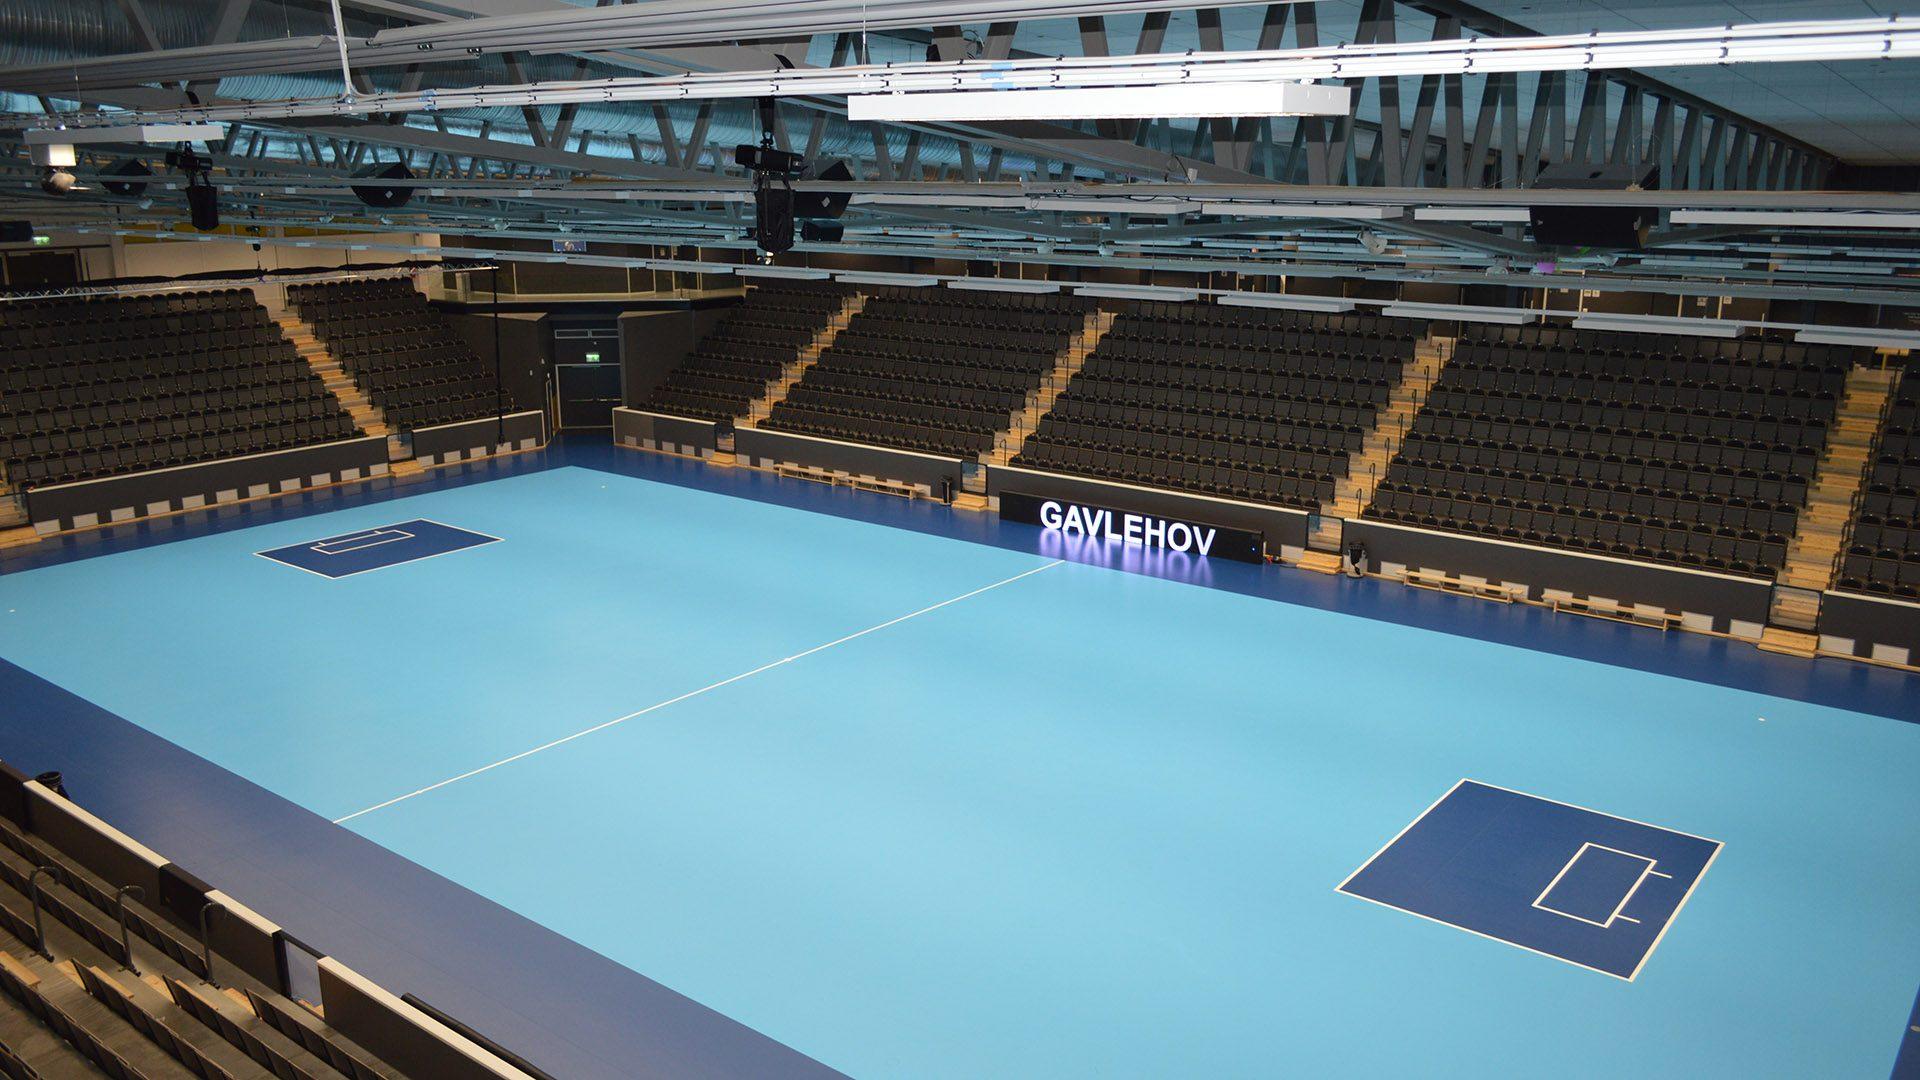 Gavlehov arena sportgolv läktarsystem unisport